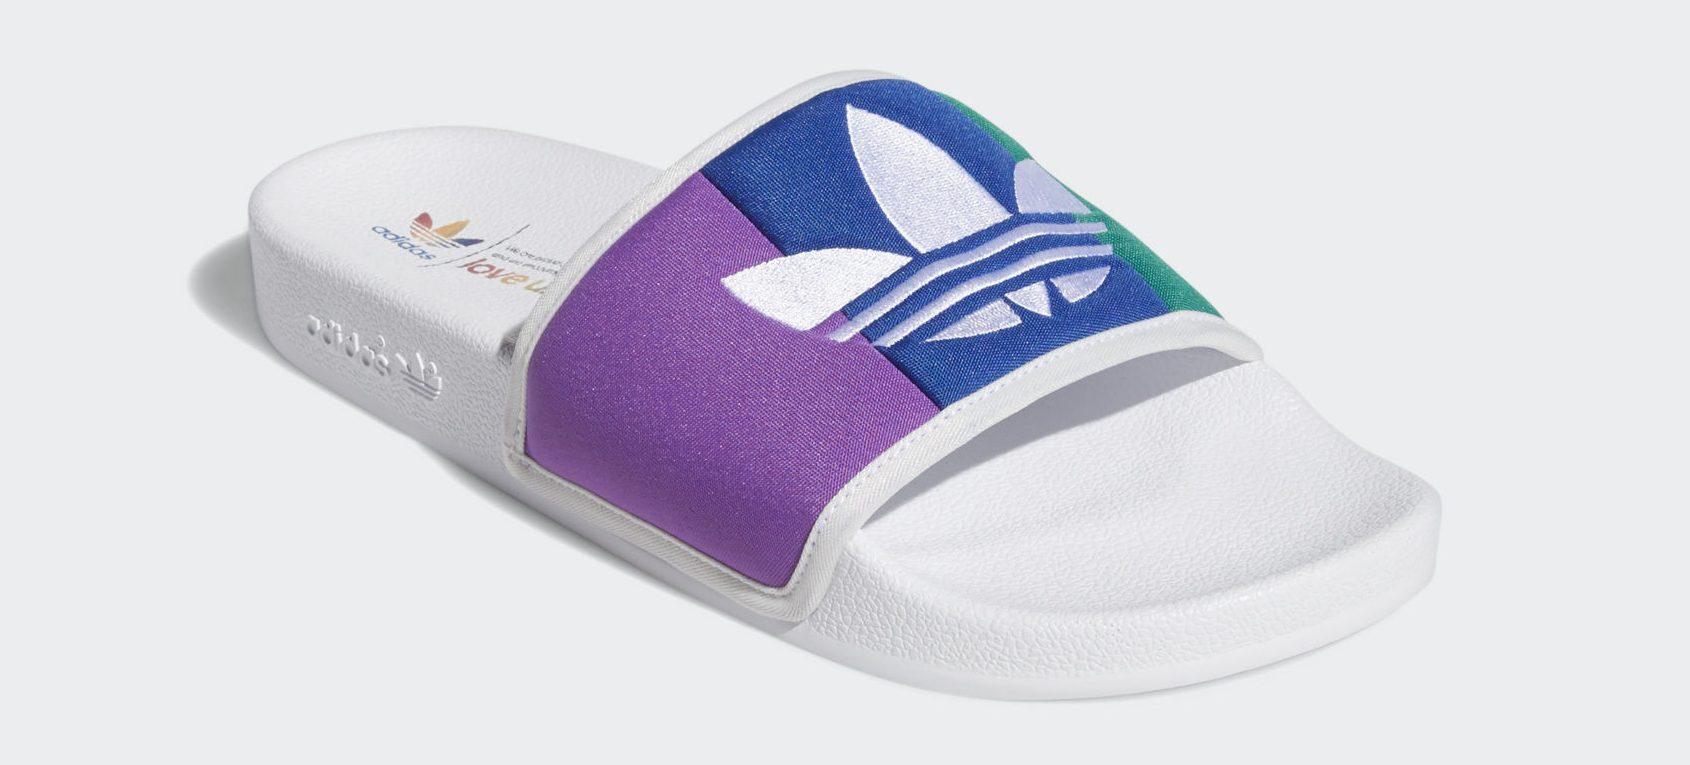 Adidas Pride 2019 Shoe Collection